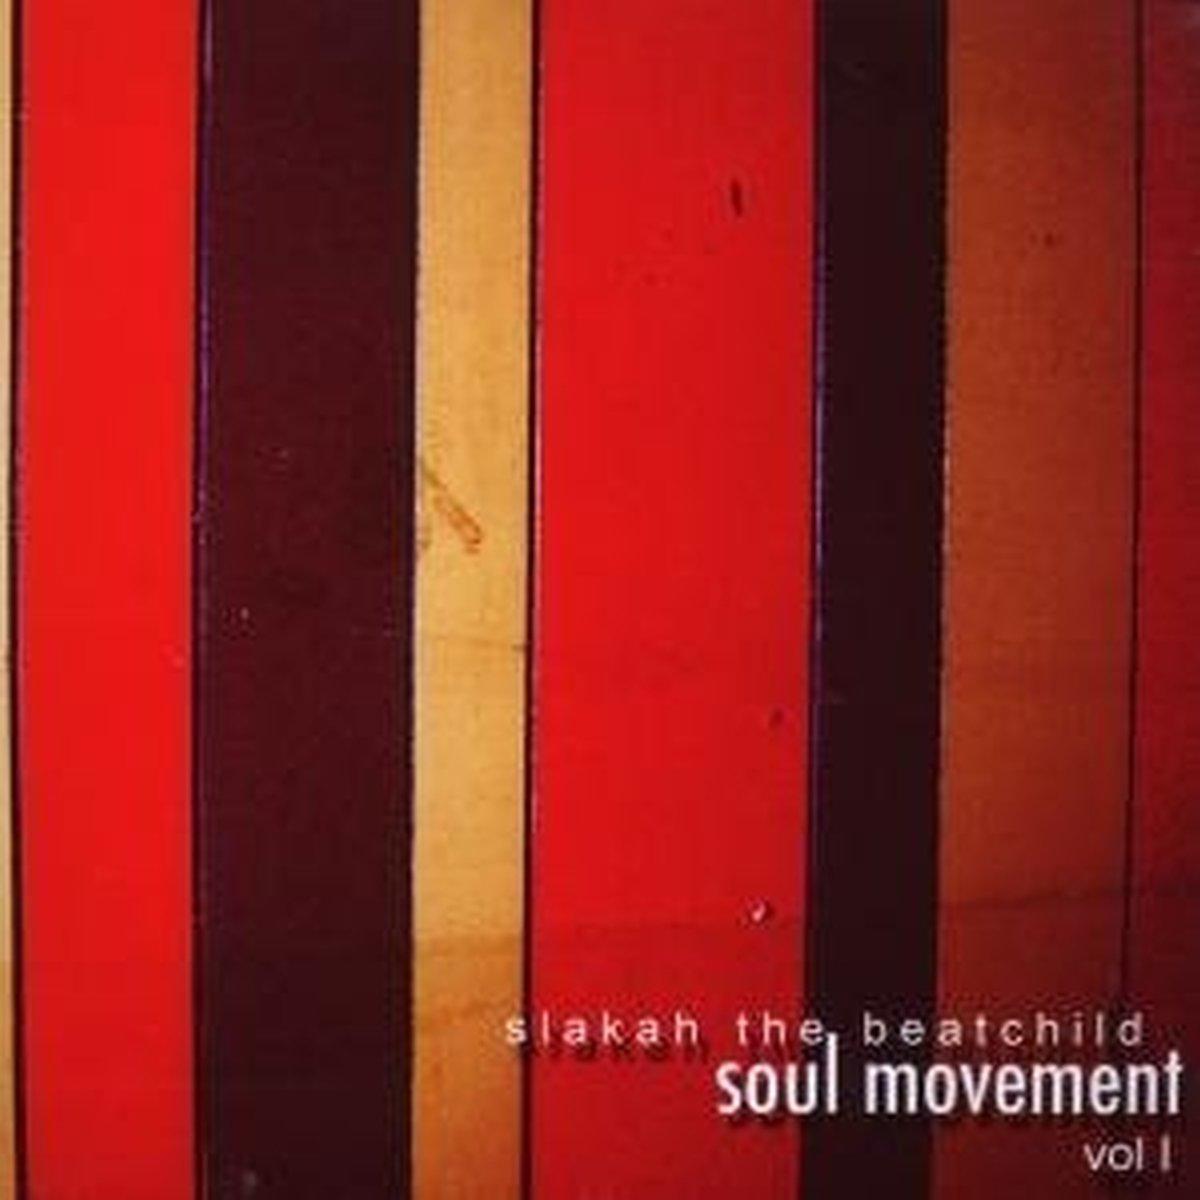 Soul Movement 1                                                                                                                                                                                                                                                    <span class=